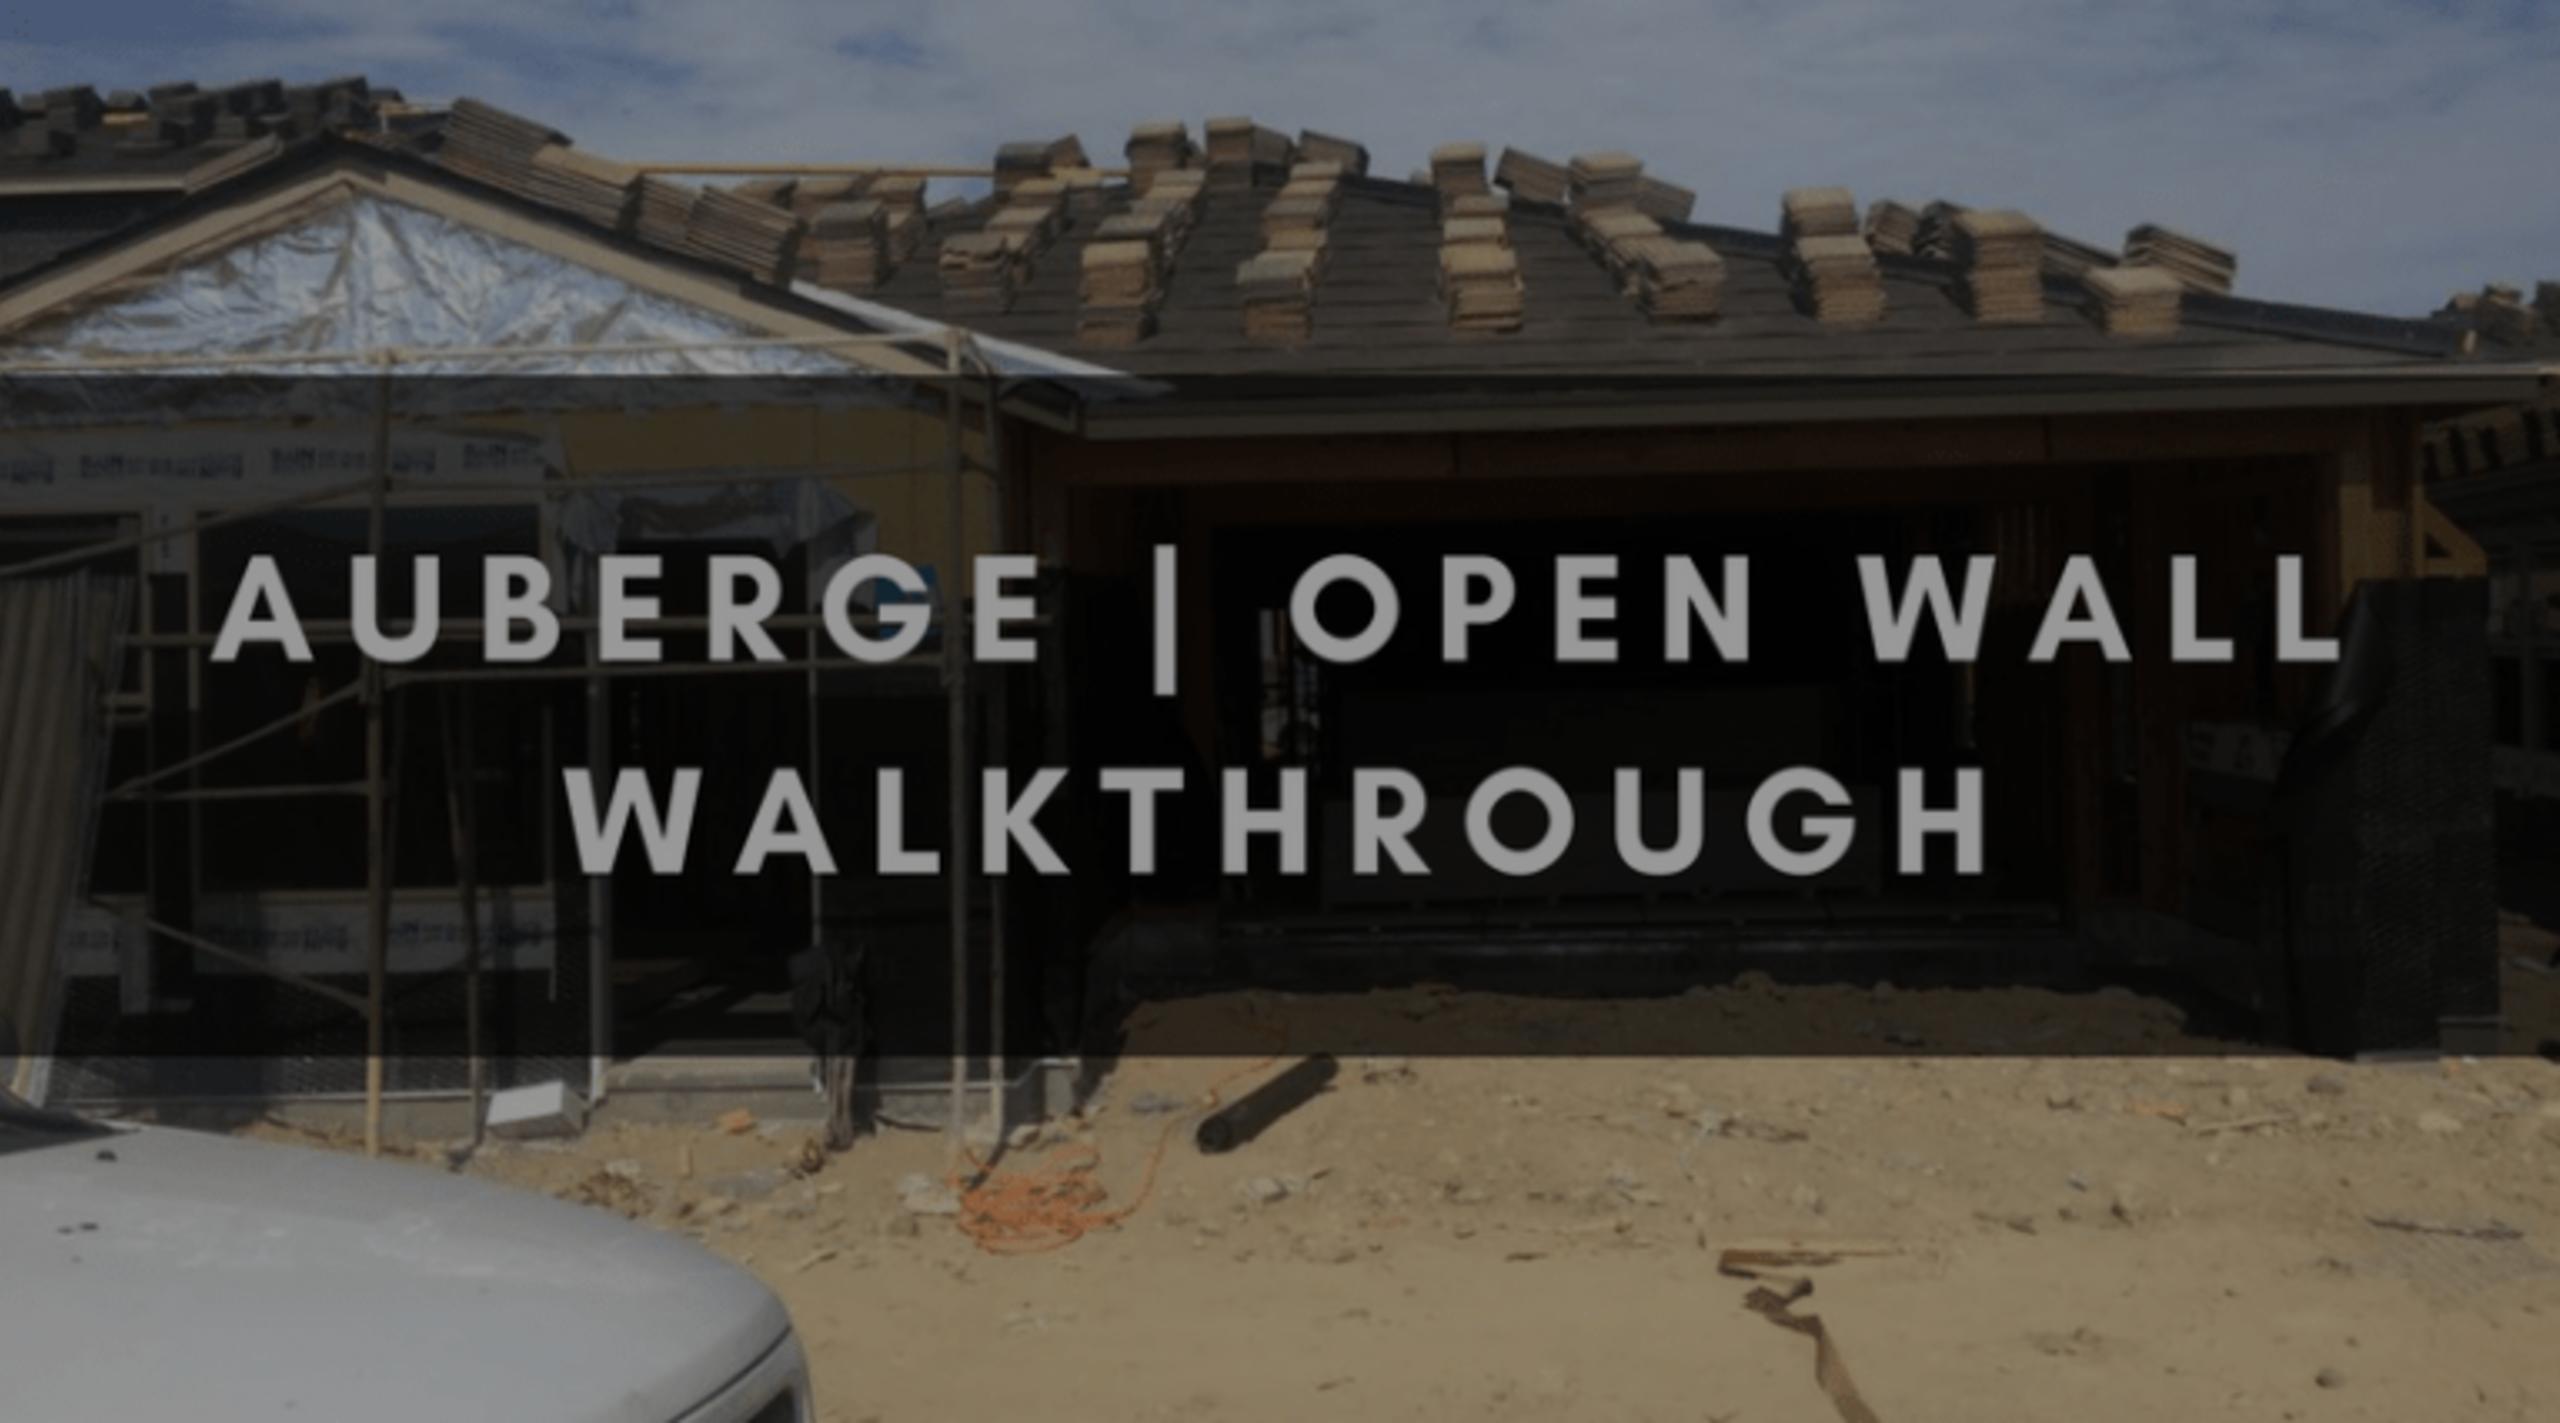 AUBERGE | OPEN WALL WALKTHROUGH